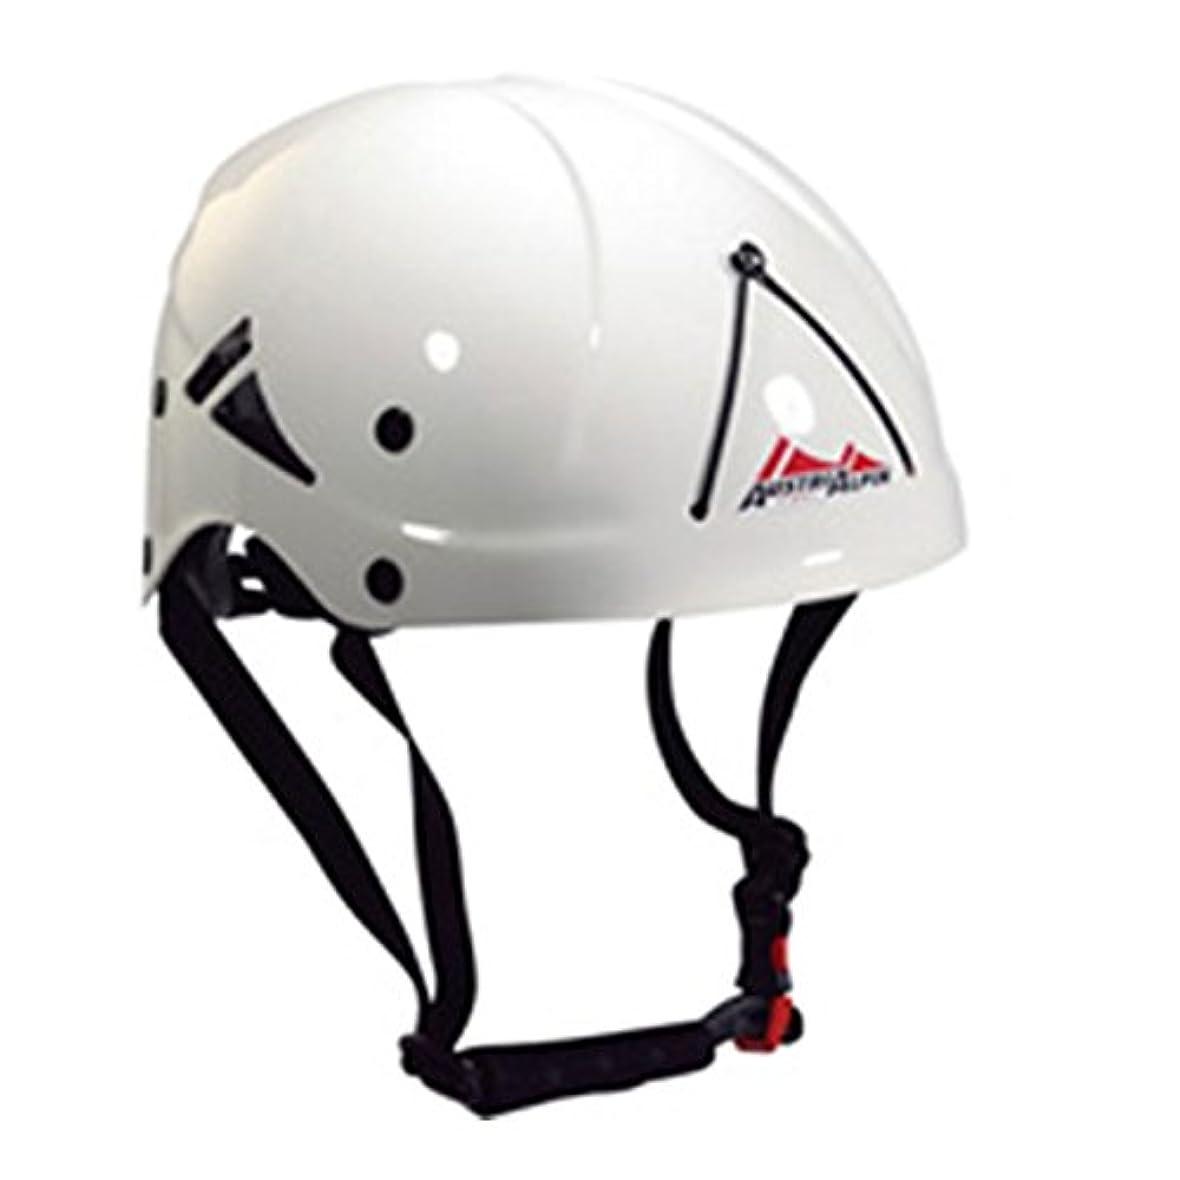 現在提案する中断エバニュー オーストリアルピン(AUSTRI ALPIN) ユニバーサルヘルメット EBV891